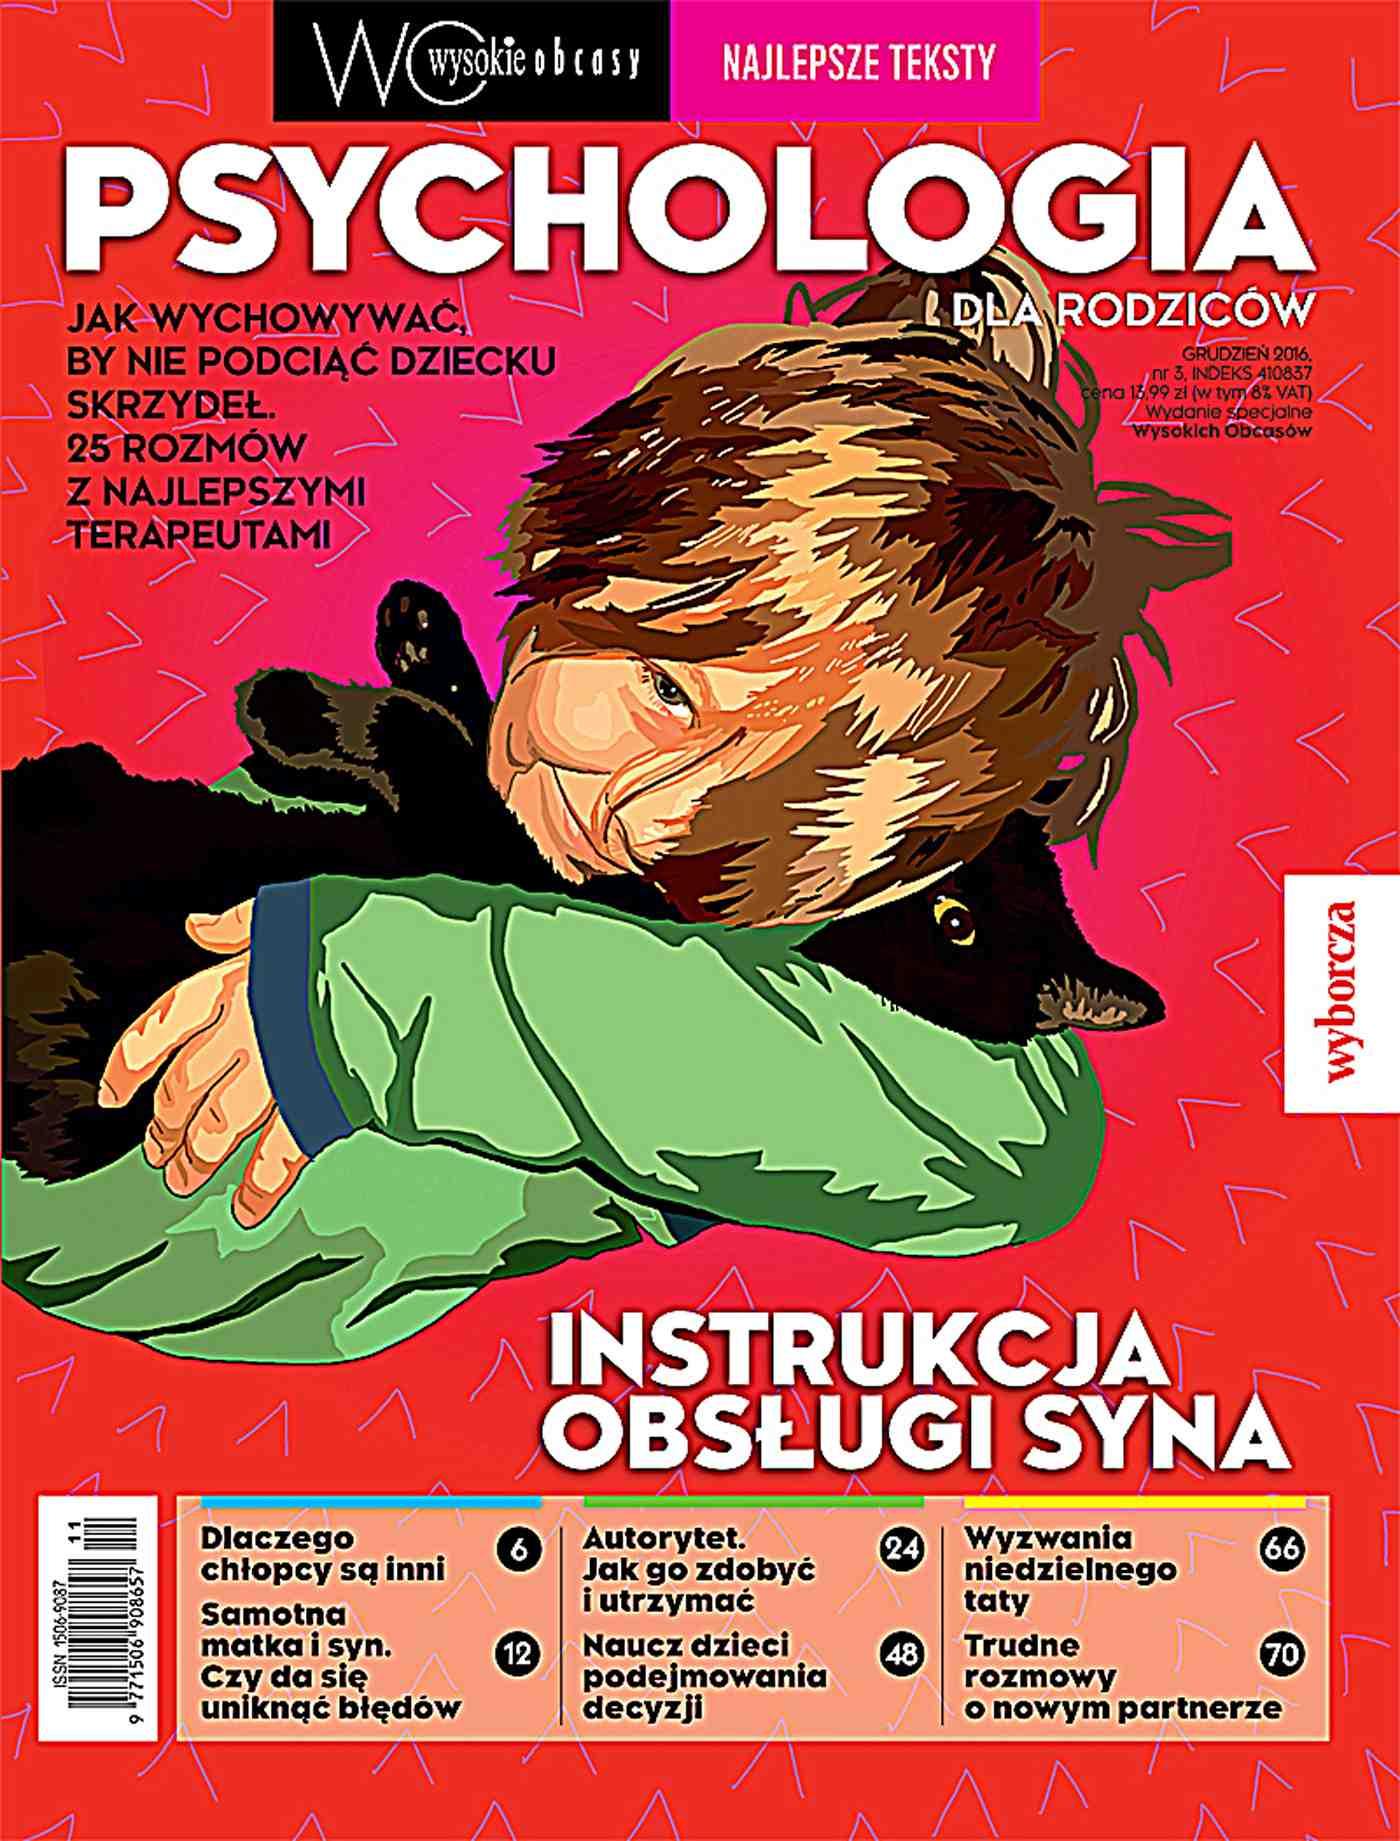 Psychologia dla rodziców 3/2016. Wysokie Obcasy. Wydanie specjalne - Ebook (Książka PDF) do pobrania w formacie PDF